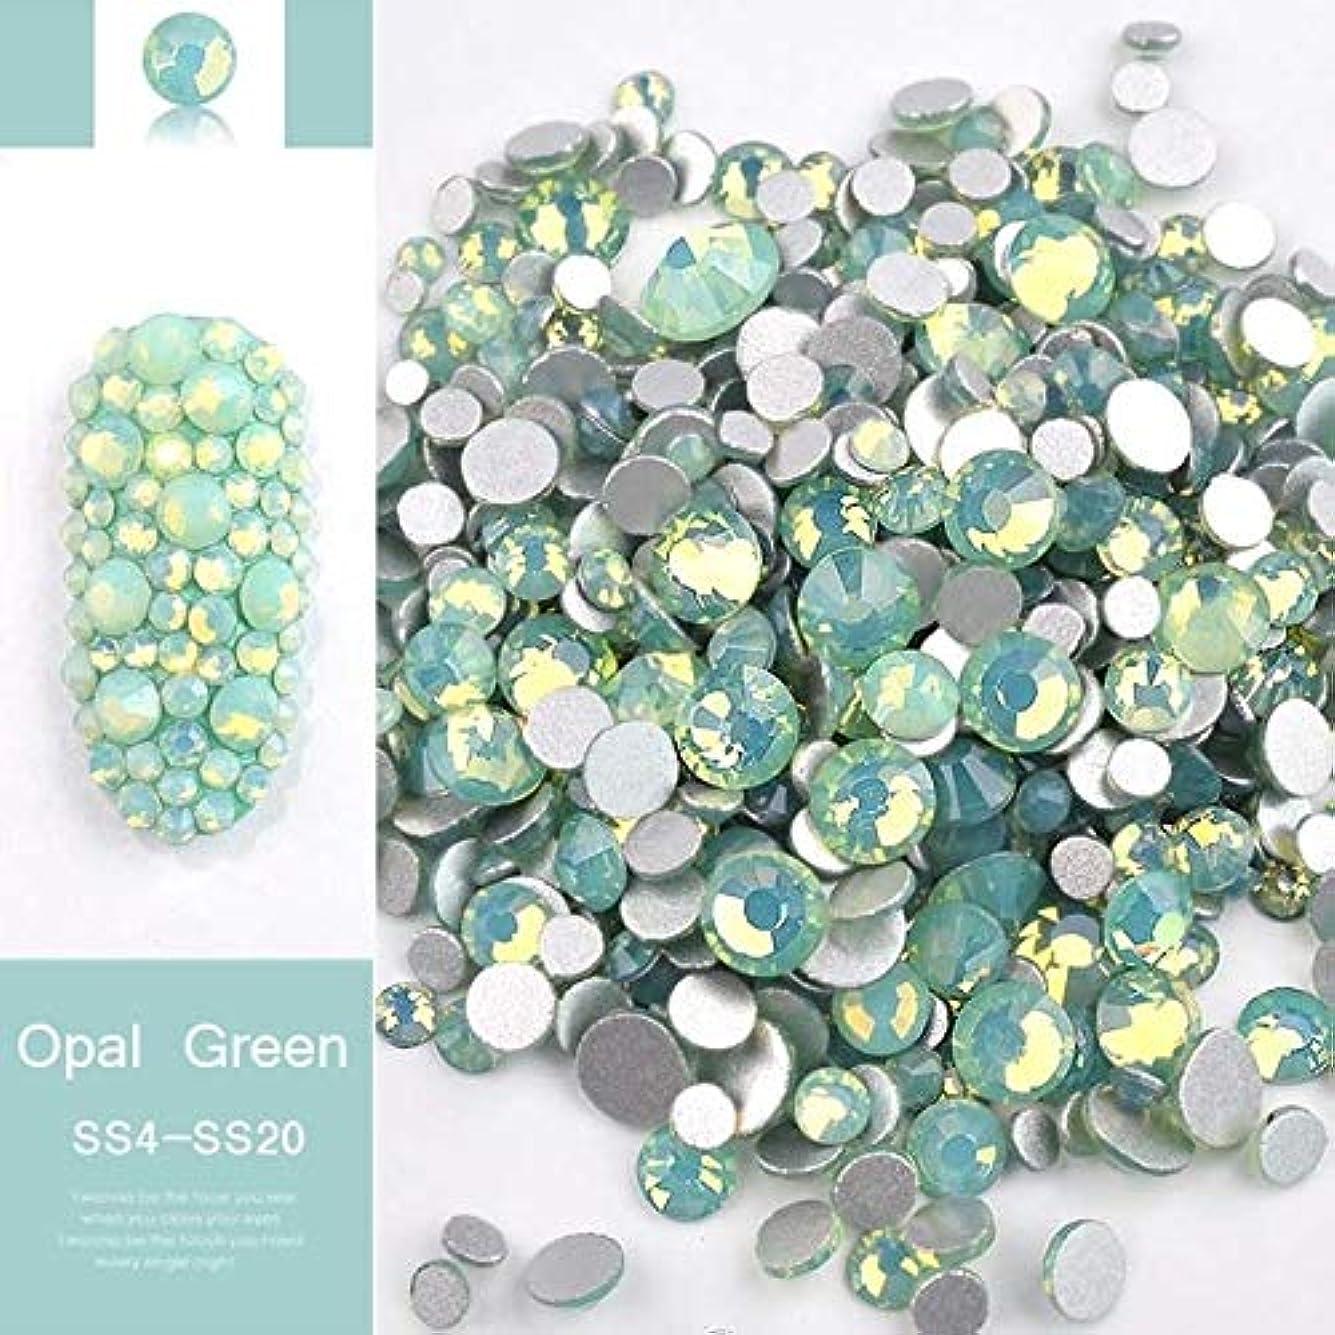 生命体異なるショッキングCELINEZL CELINEZL 1パックミックスサイズ(SS4-SS20)クリスタルカラフルなオパールネイルアートラインストーンの装飾キラキラの宝石3Dマニキュアアクセサリーツール(ホワイト) (色 : Green)